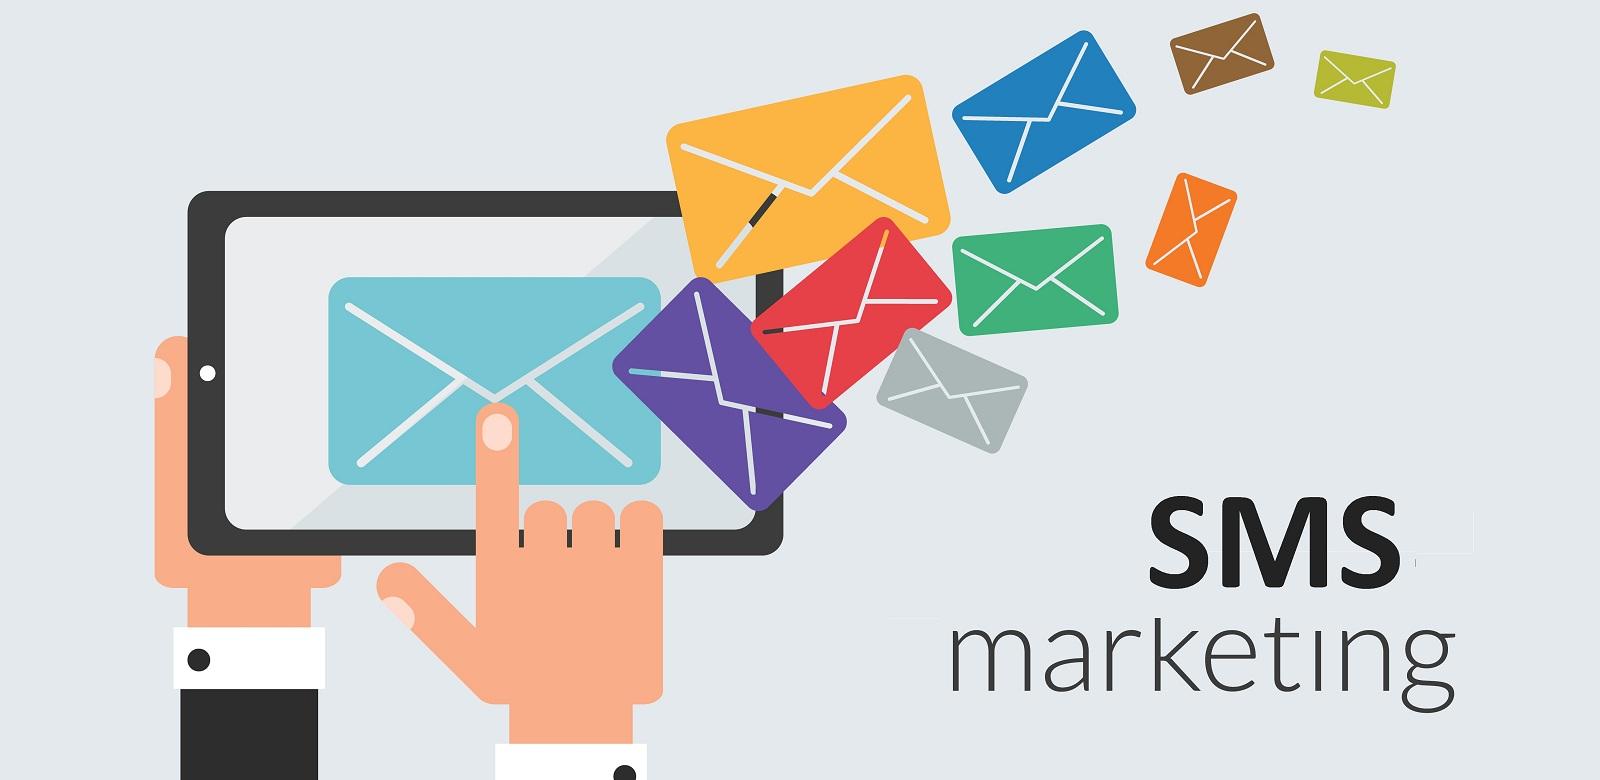 Email và tin nhắn bán hàng cần được gửi đến đúng đối tượng khách hàng mục tiêu cùng với đó là nội dung thu hút và thời điểm phù hợp.